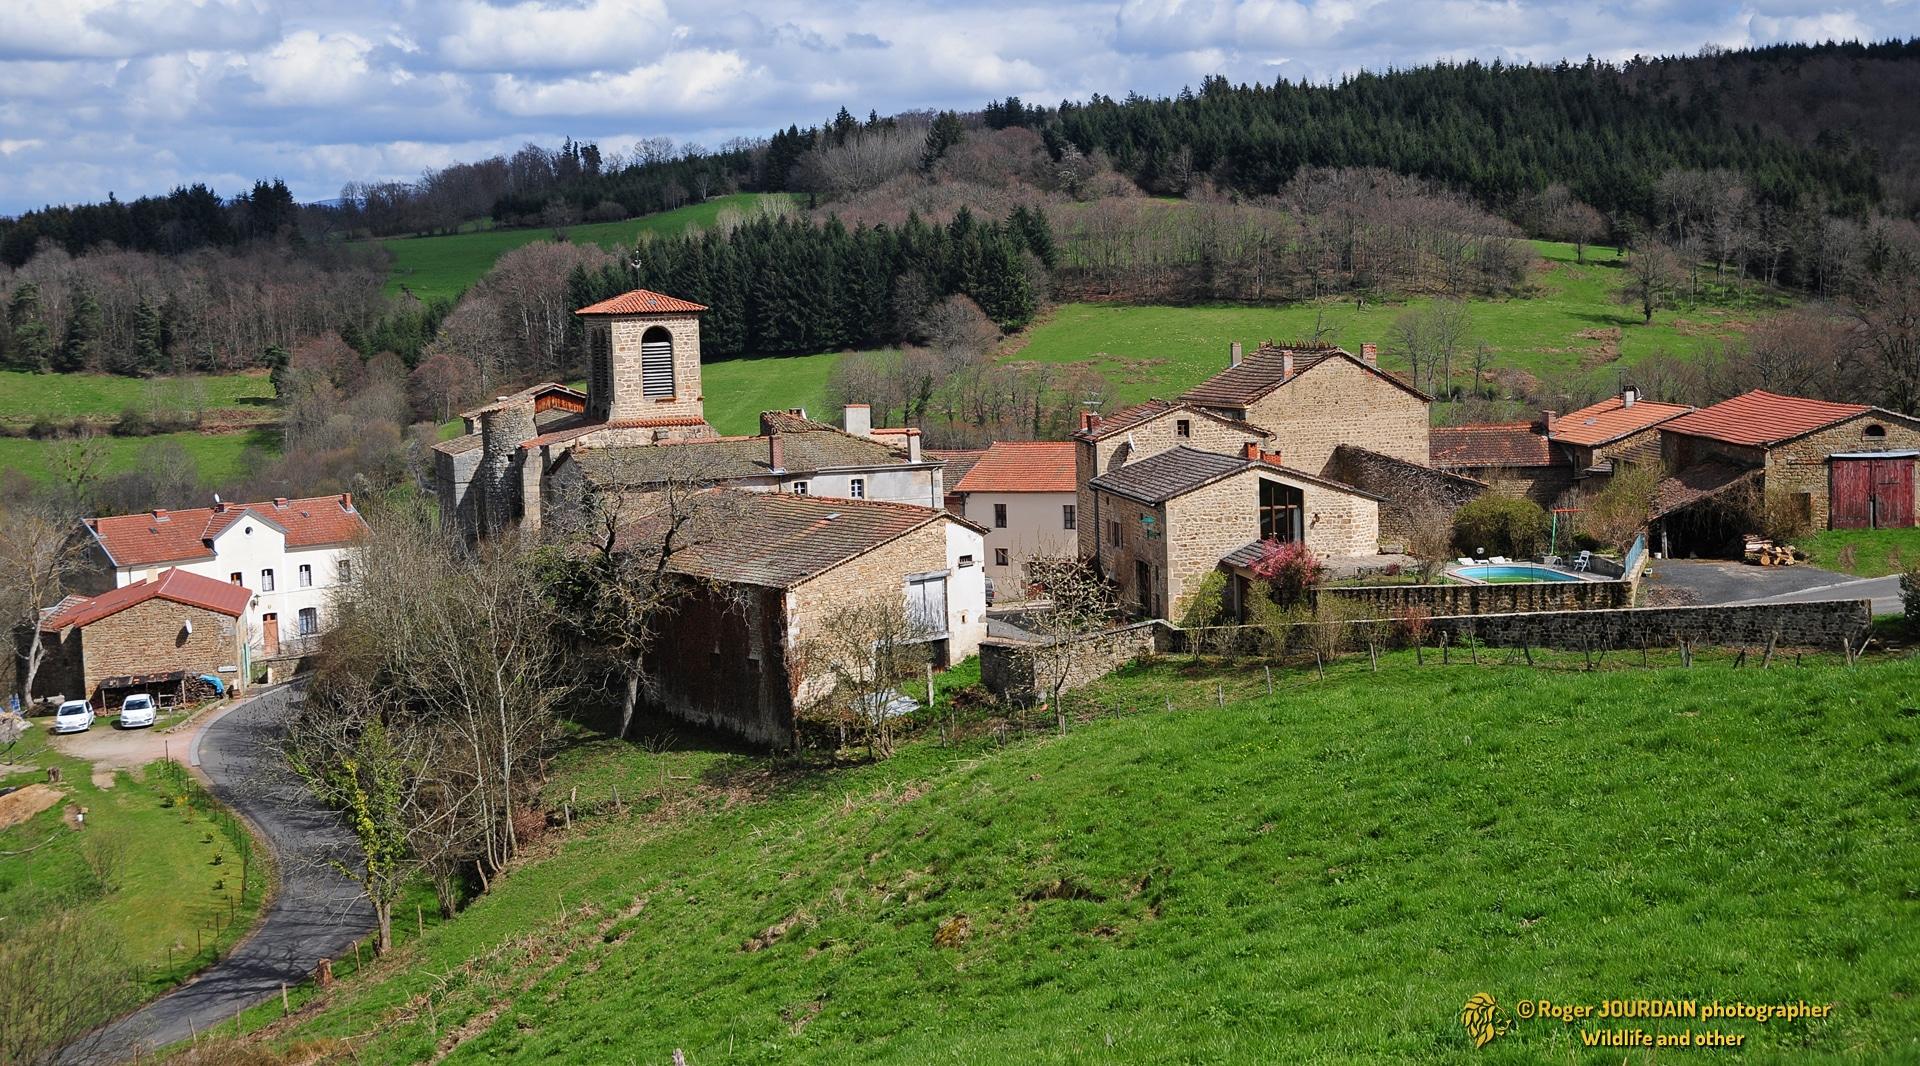 Toscane d'Auvergne ©Roger JOURDAIN - Ceilloux